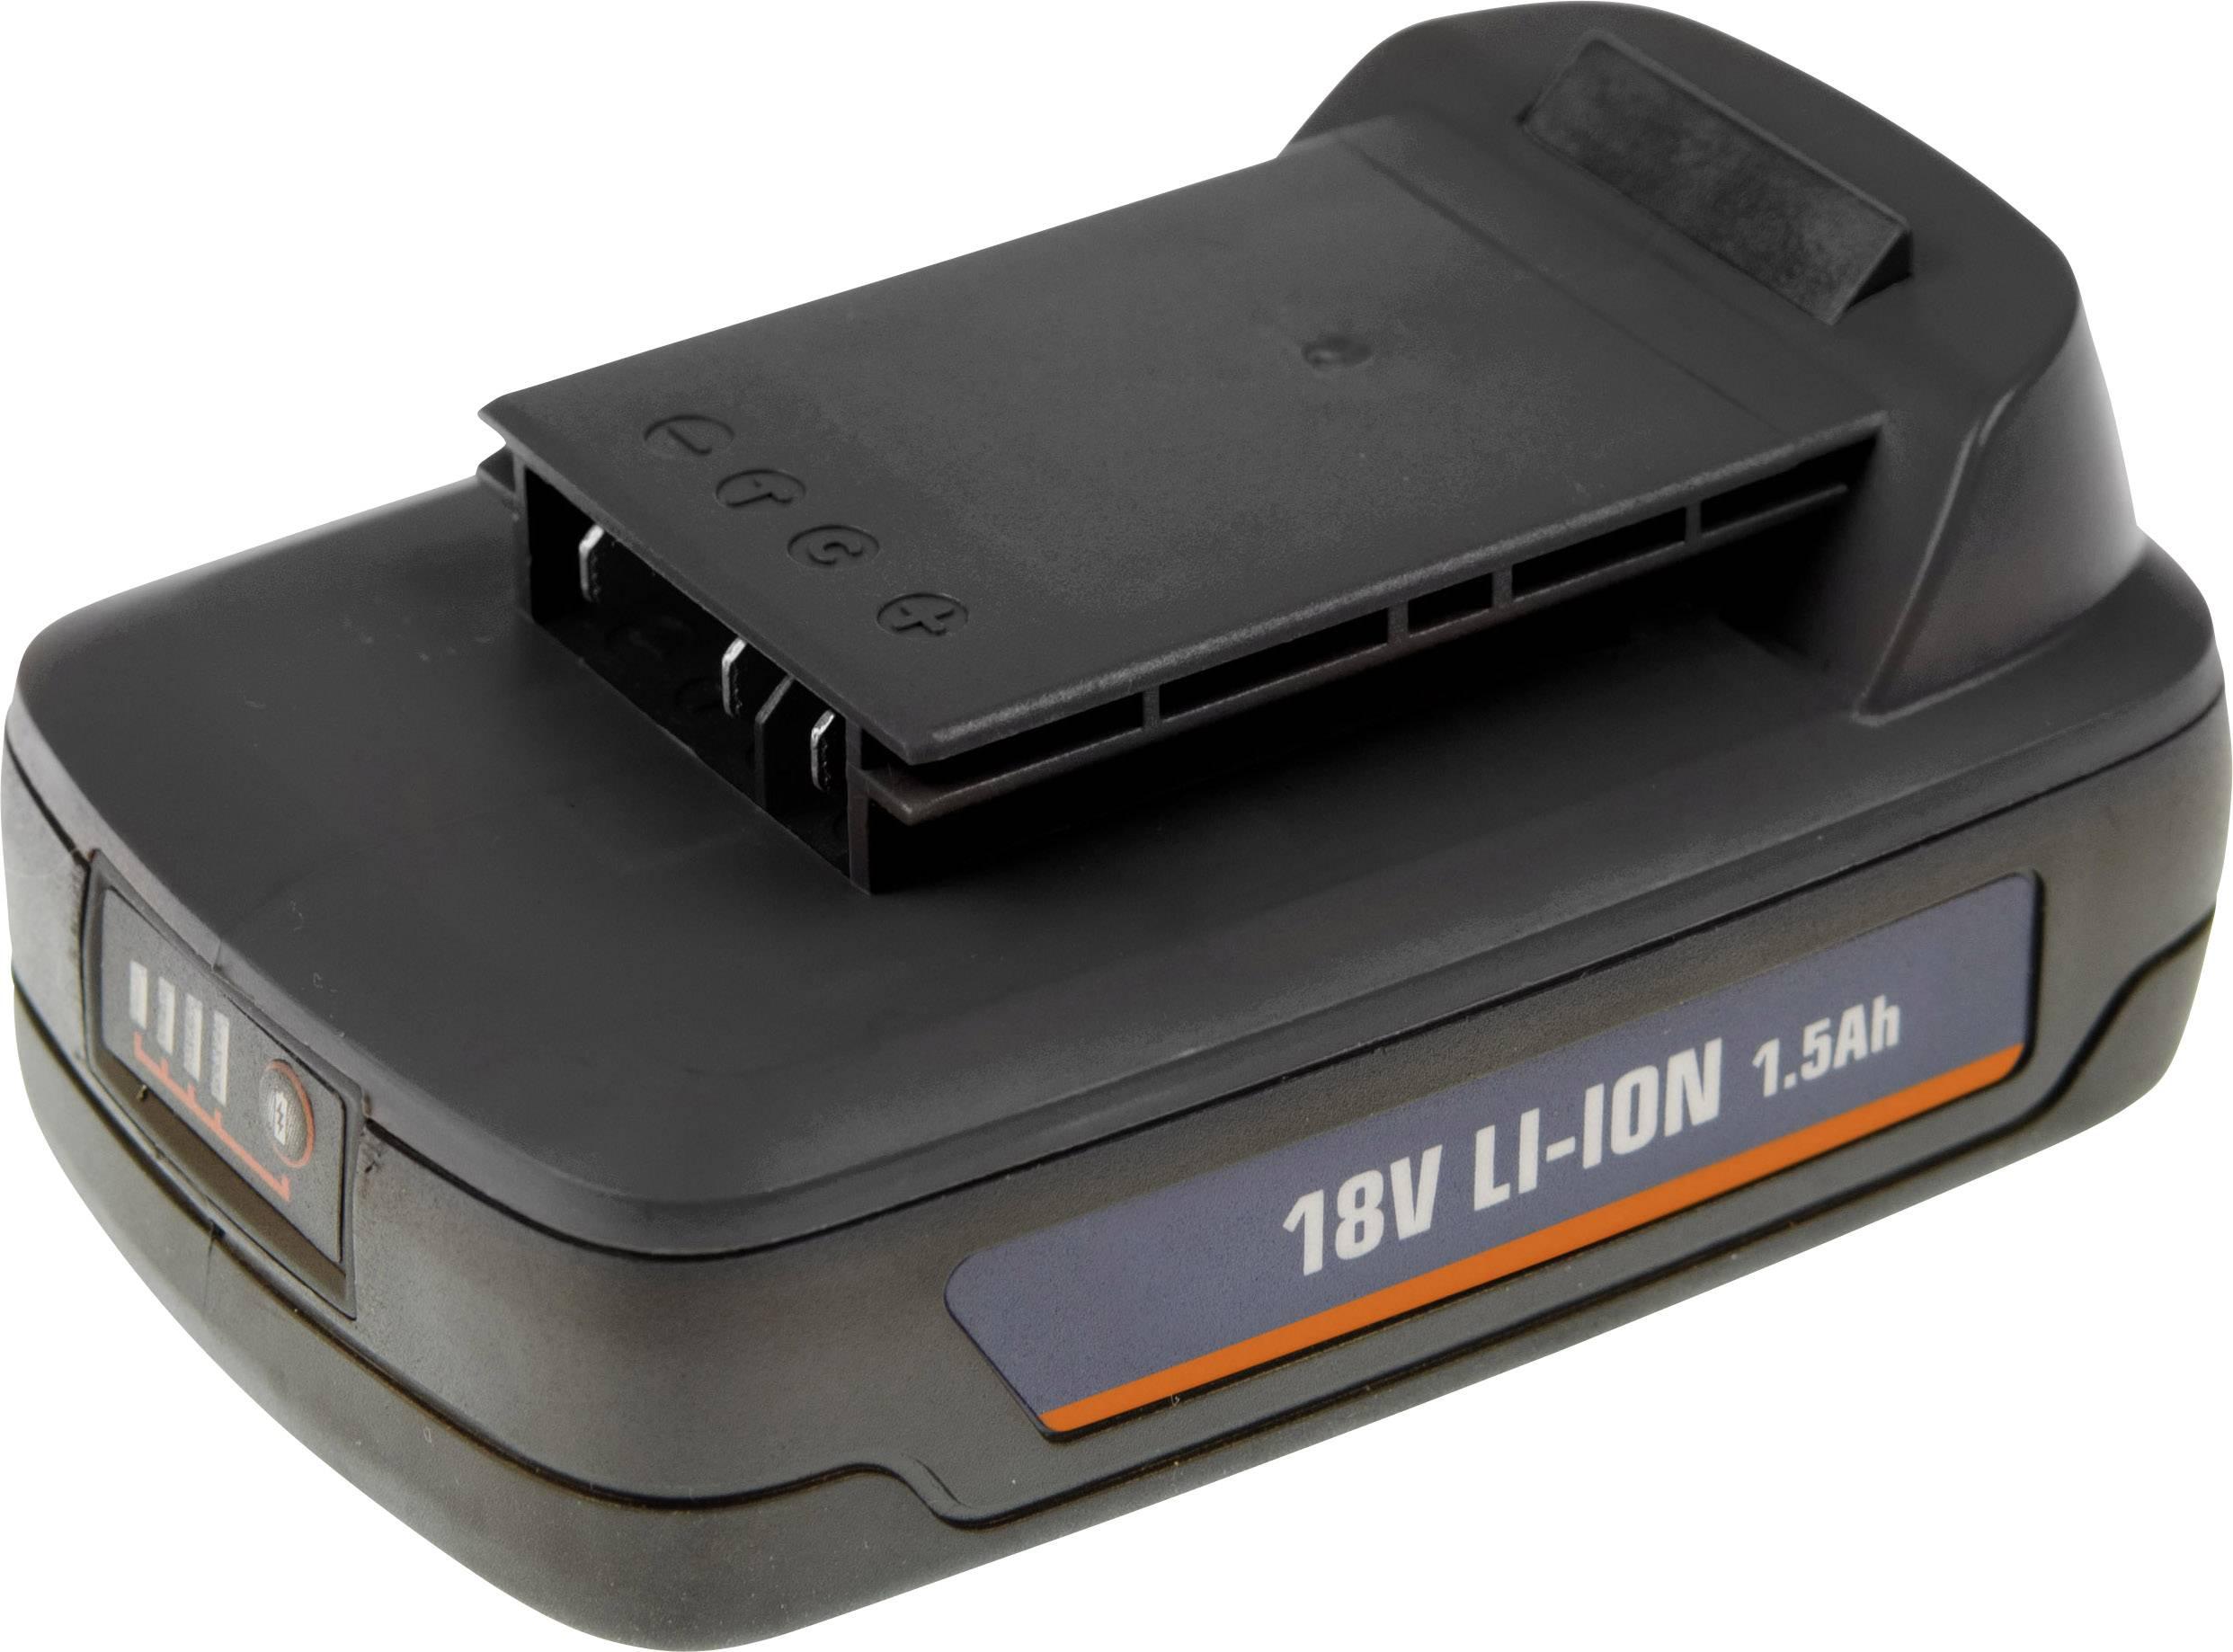 Náhradný akumulátor pre elektrické náradie, Ferm CDA1077S CDA1077S, 18 V, 1.5 Ah, Li-Ion akumulátor